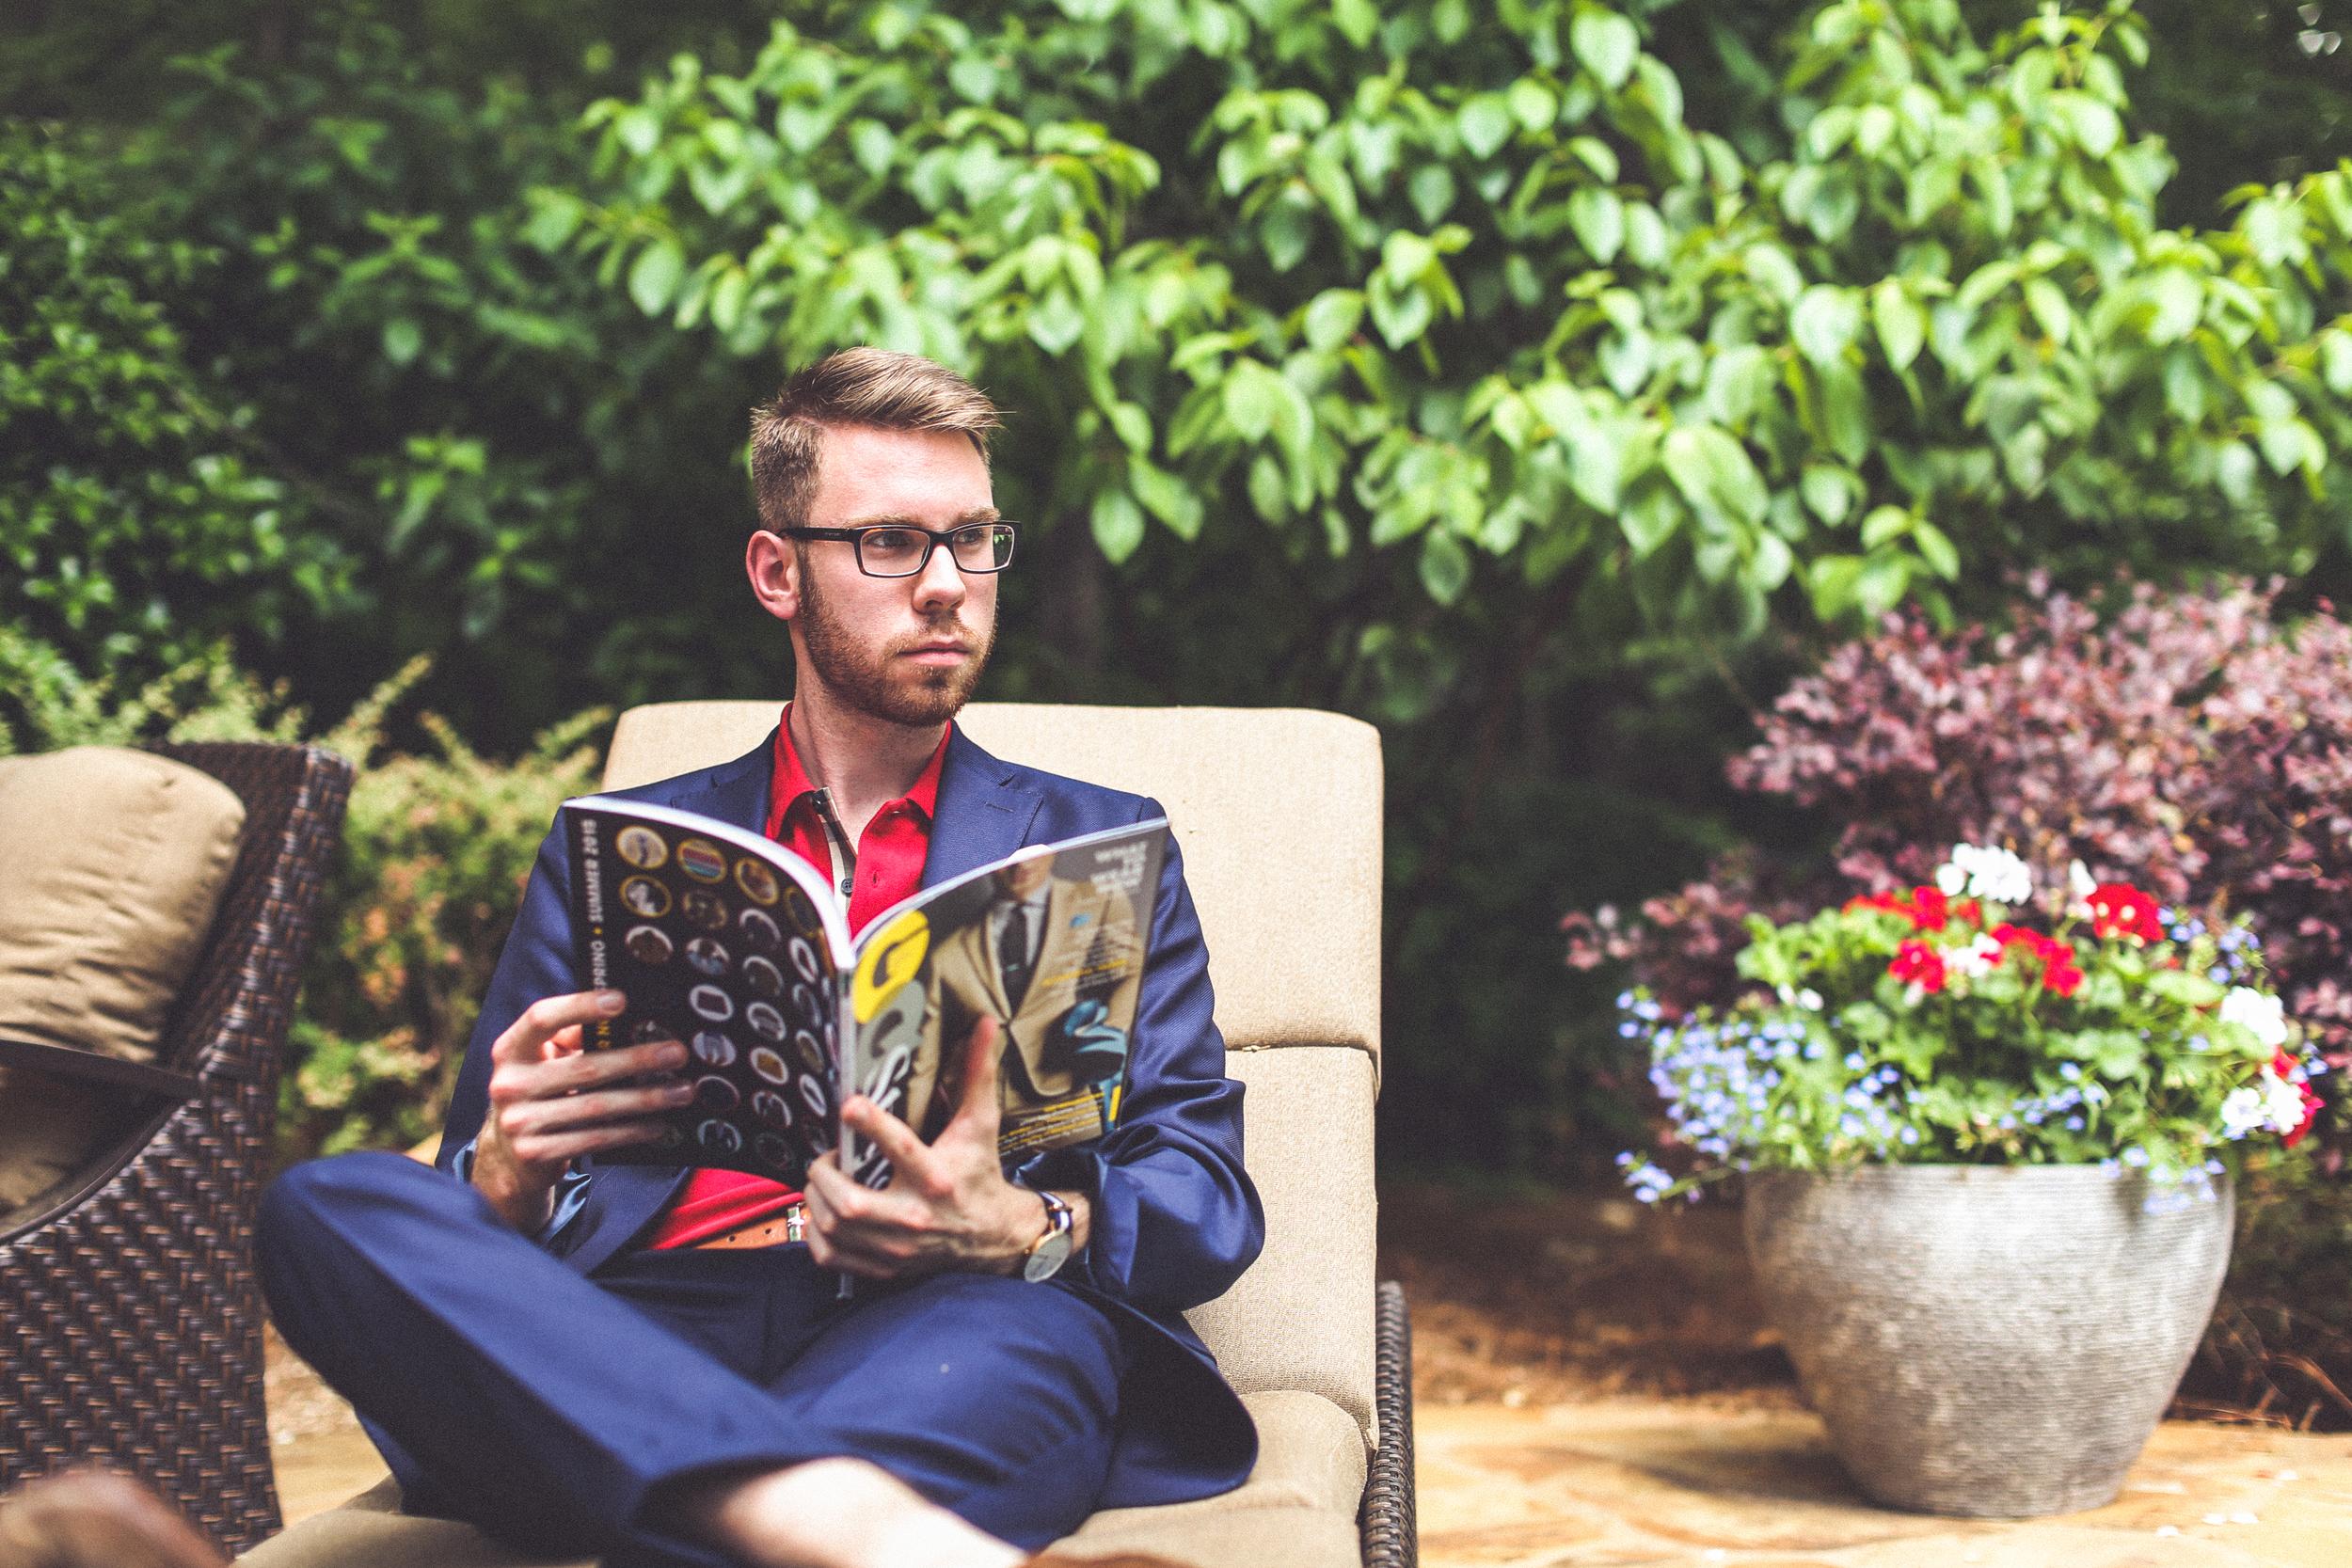 Suit: J. Lindenburg, Shirt: Burberry Brit, Shoes: Cole Haan, Pocket square: thetiebar.com, glasses: Burberry